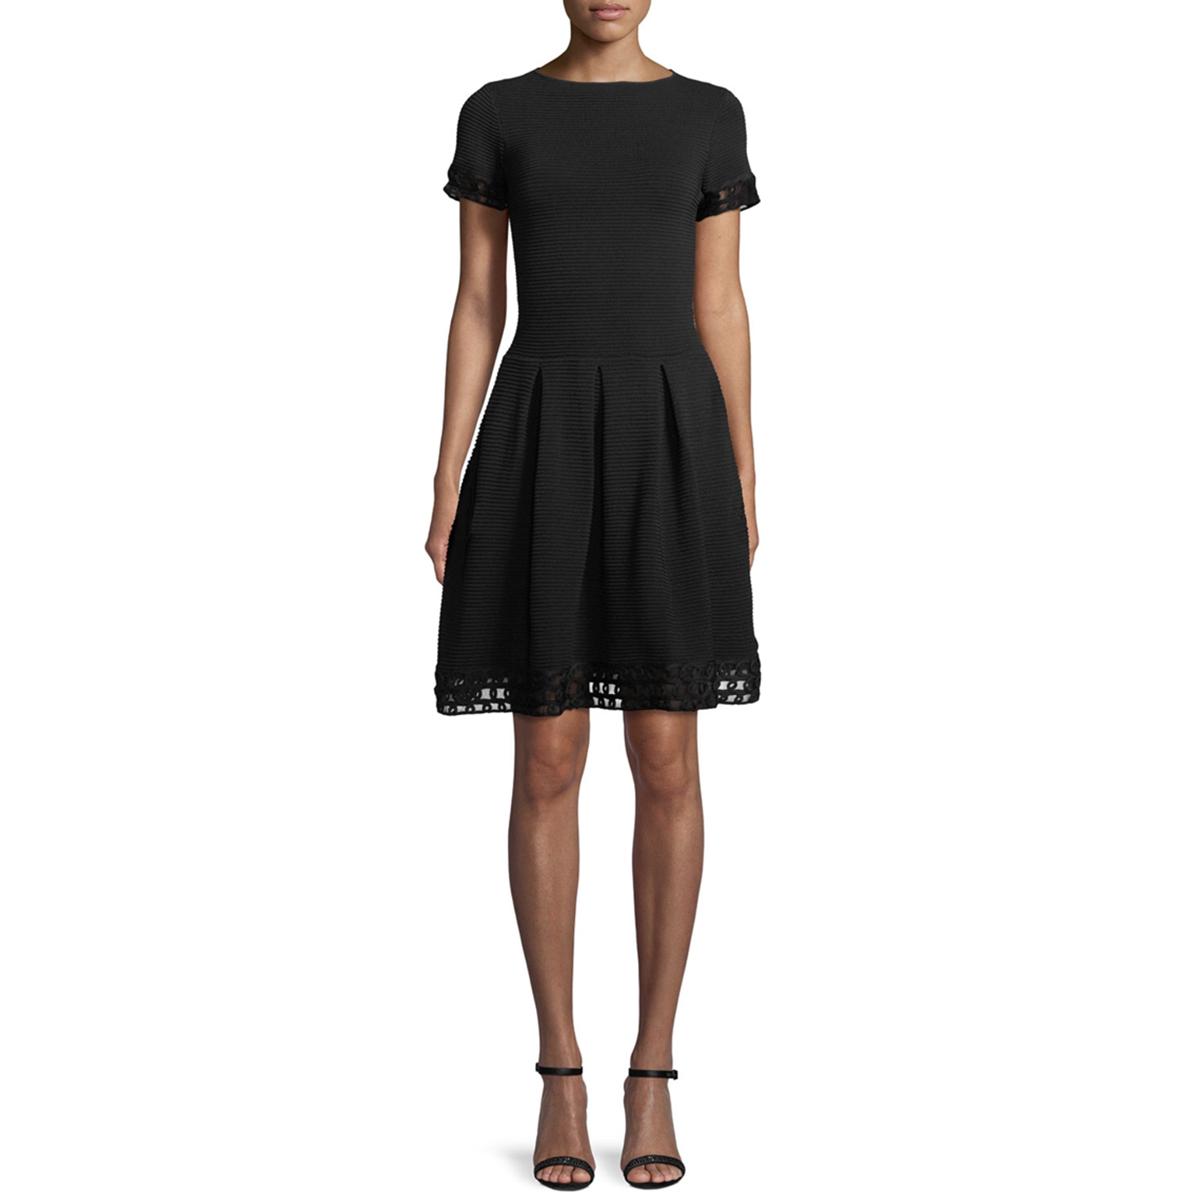 arman black dress nm.jpg